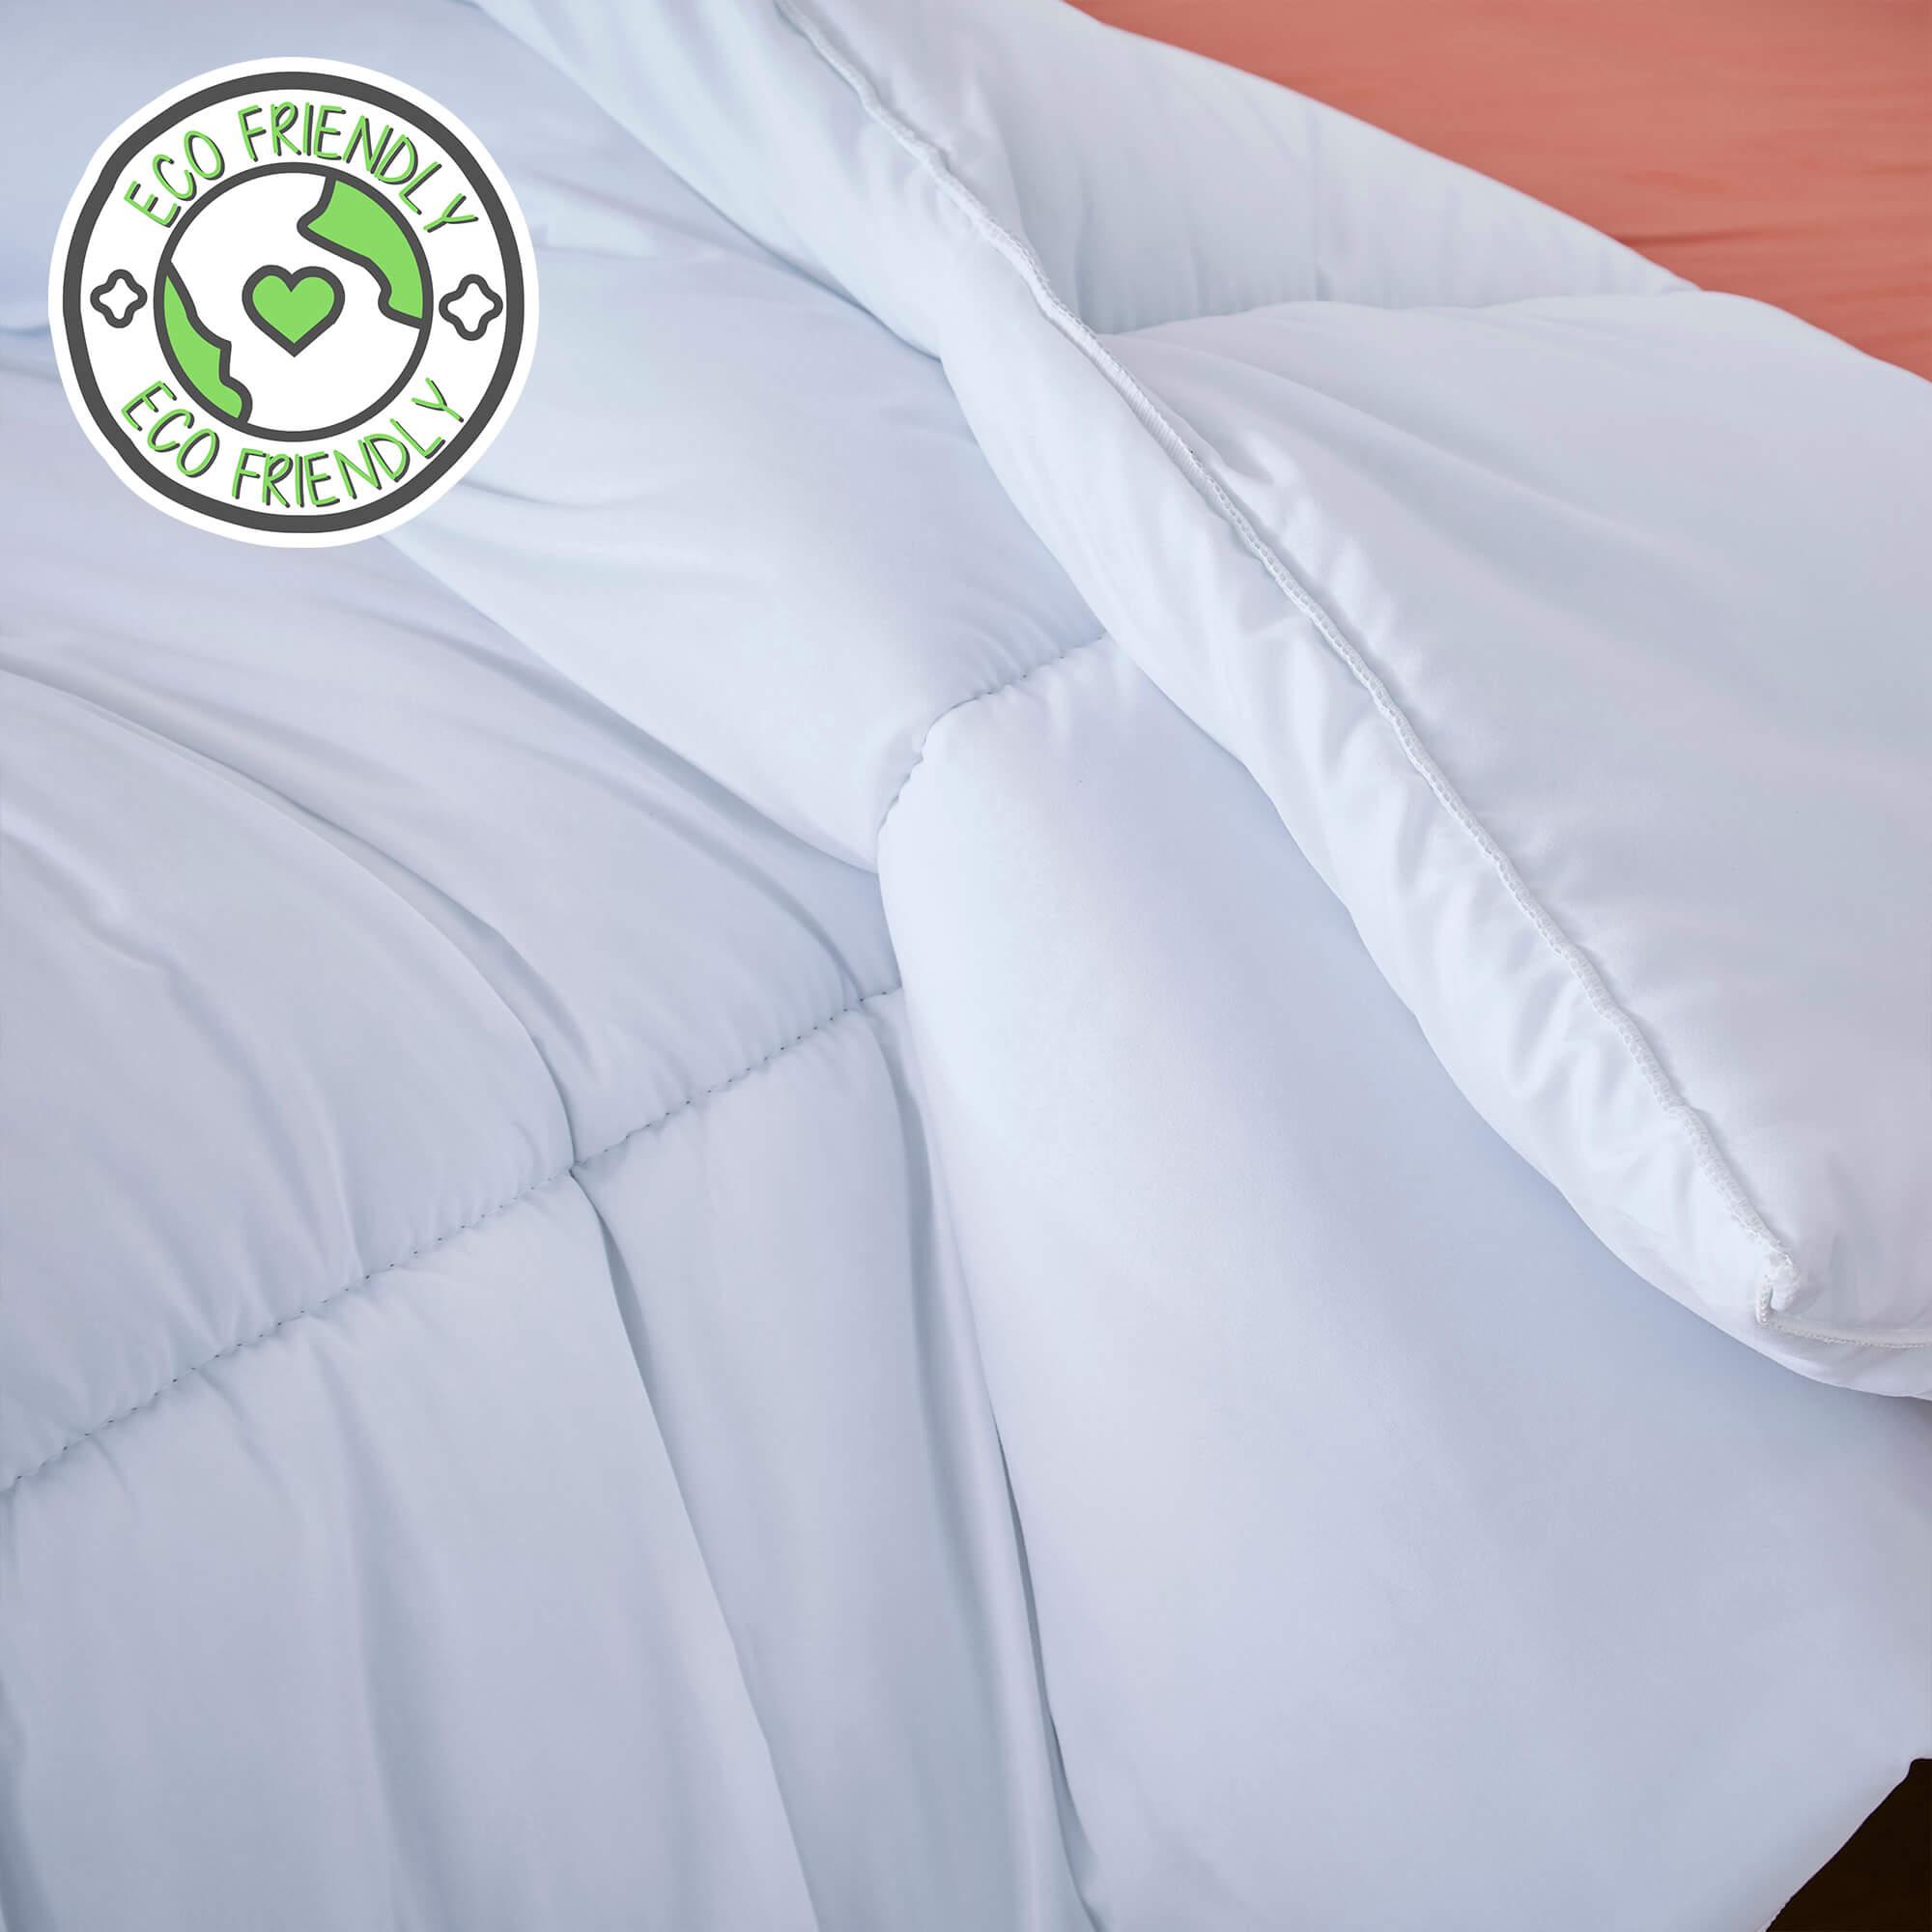 Snug Snuggle Up 13.5 Tog Duvet